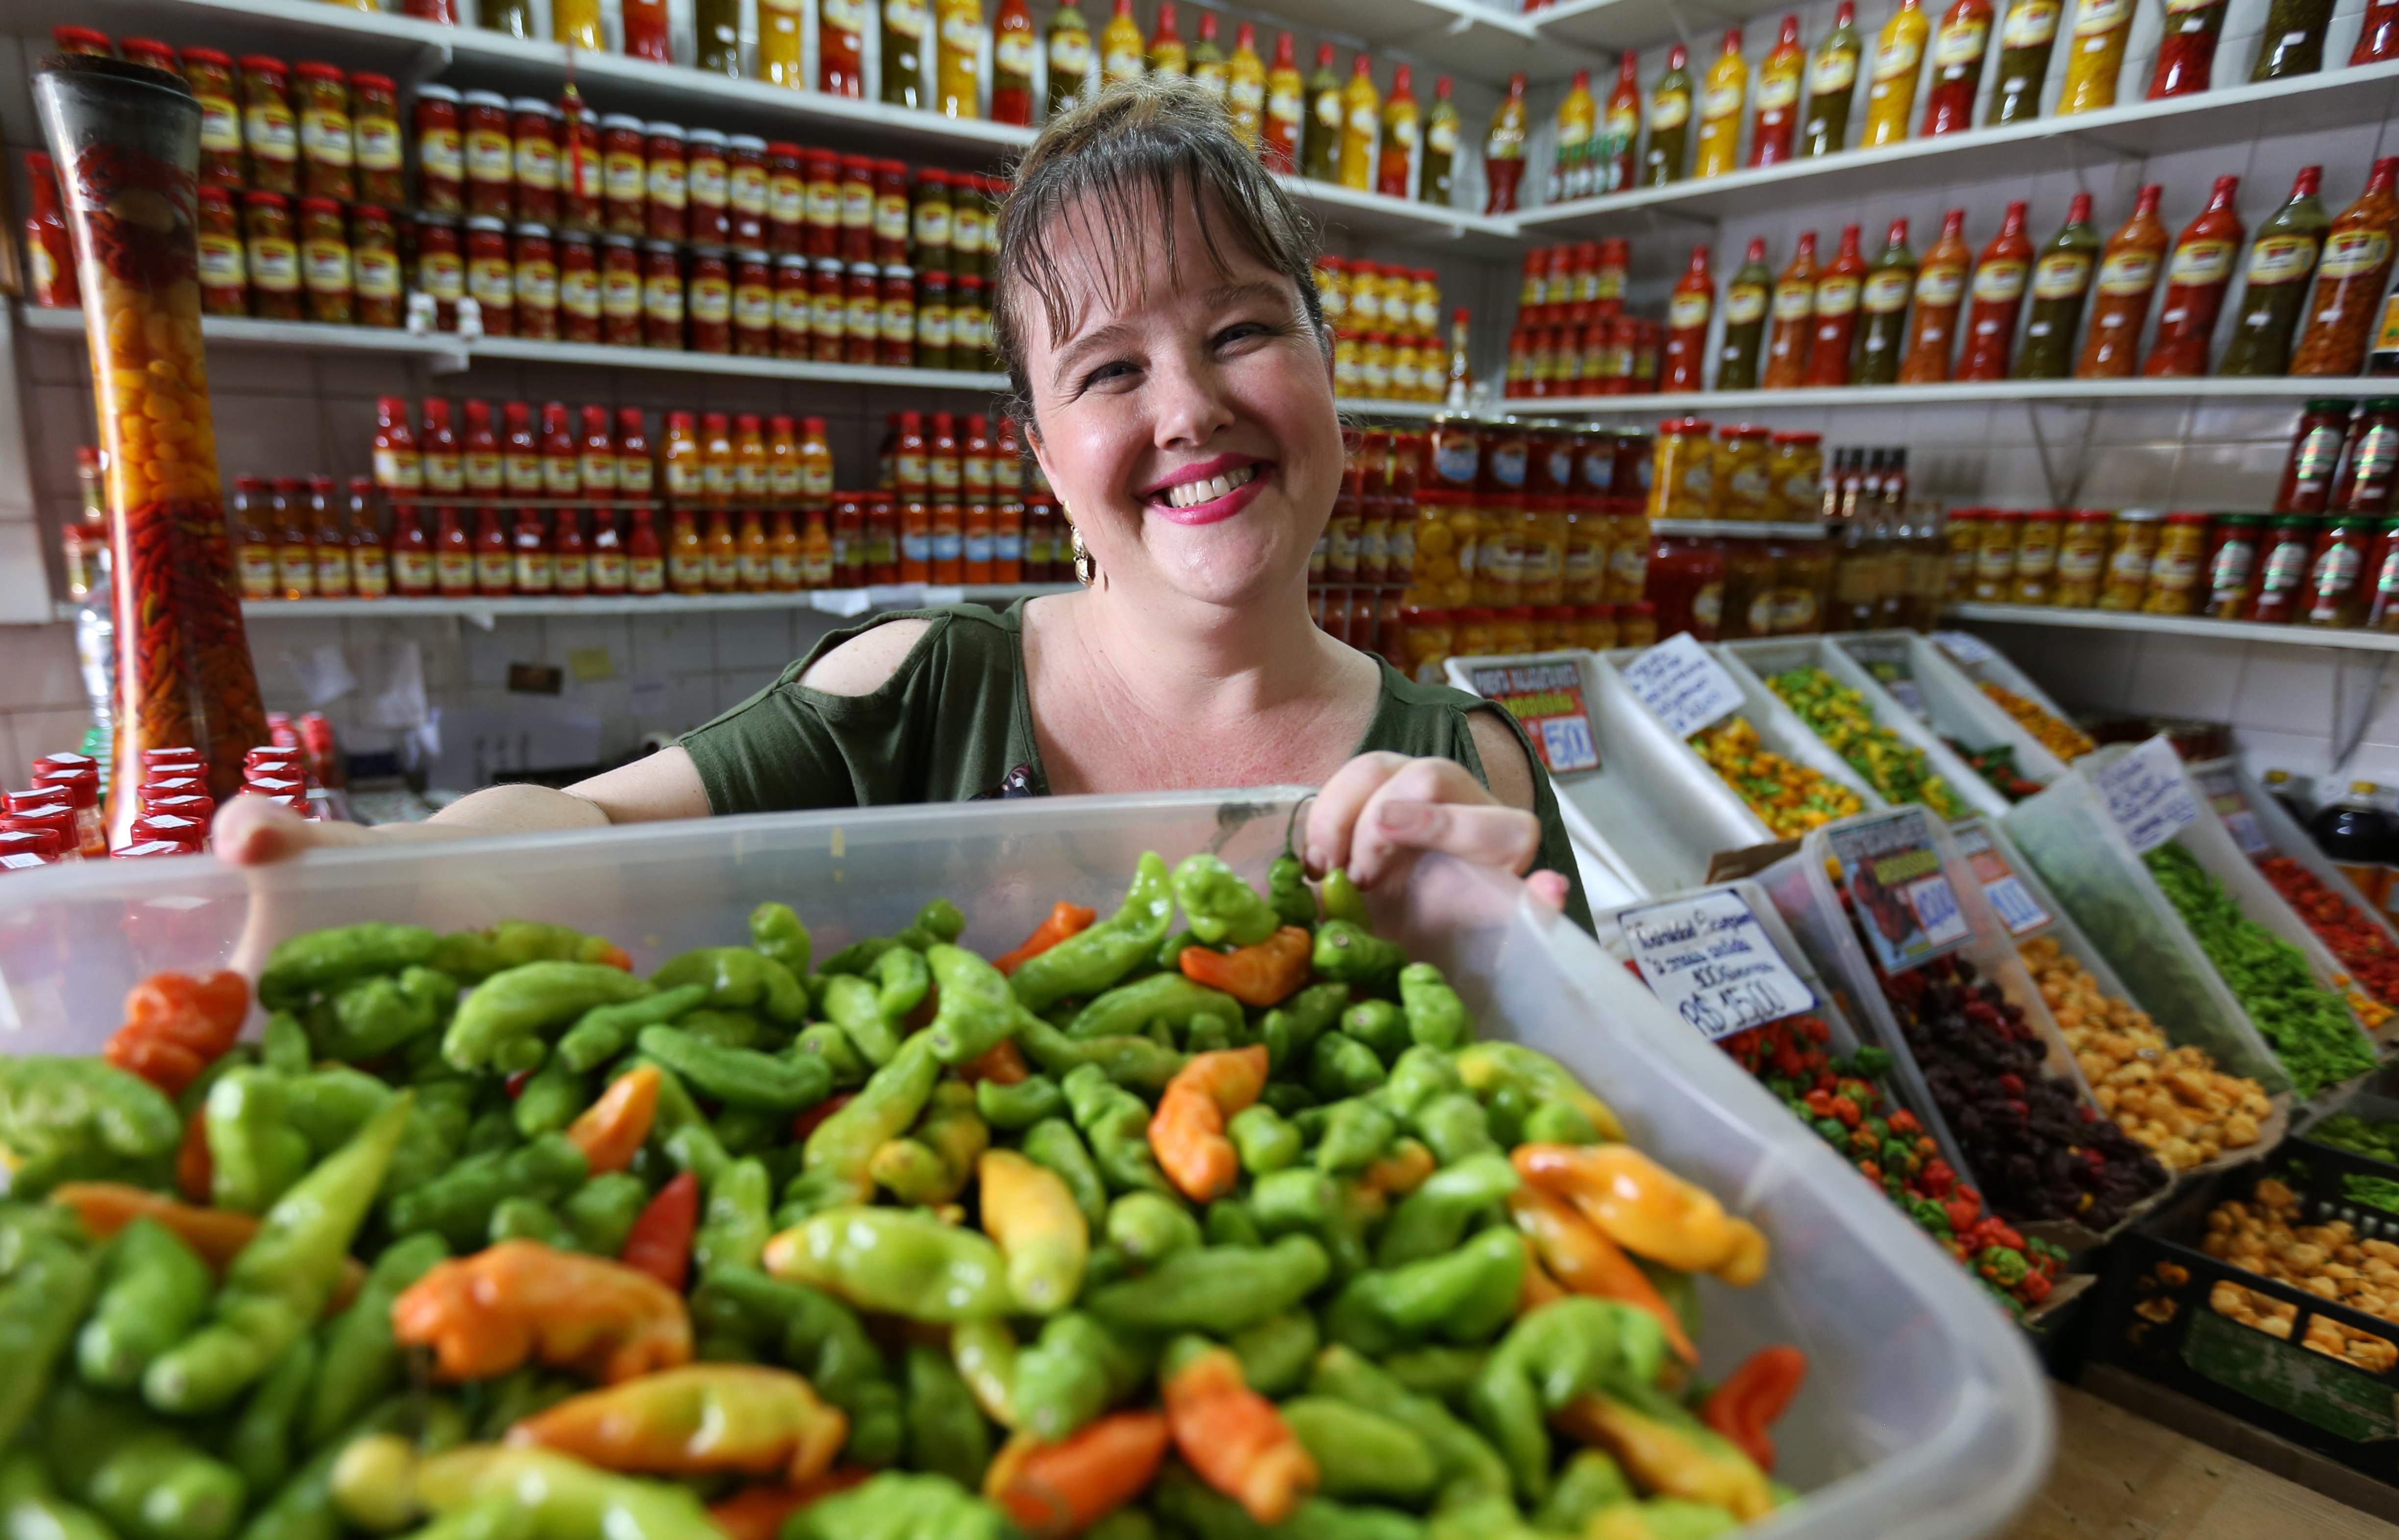 Eu Varejista: A Rainha das Pimentas